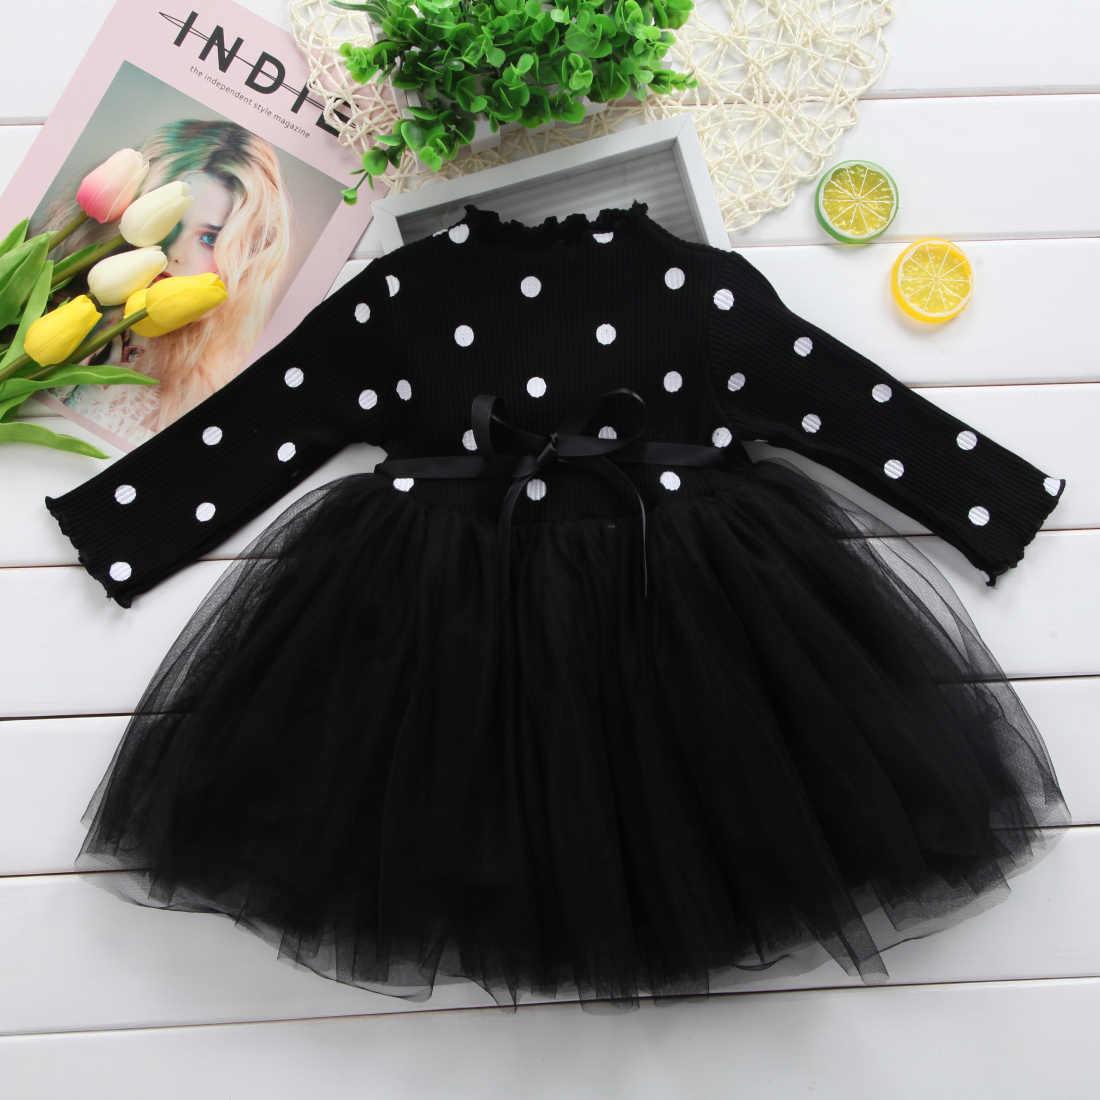 王女長袖ベビーガールのドレス新生児服弓ドット夜会服パーティードレスベビー子供女の子服